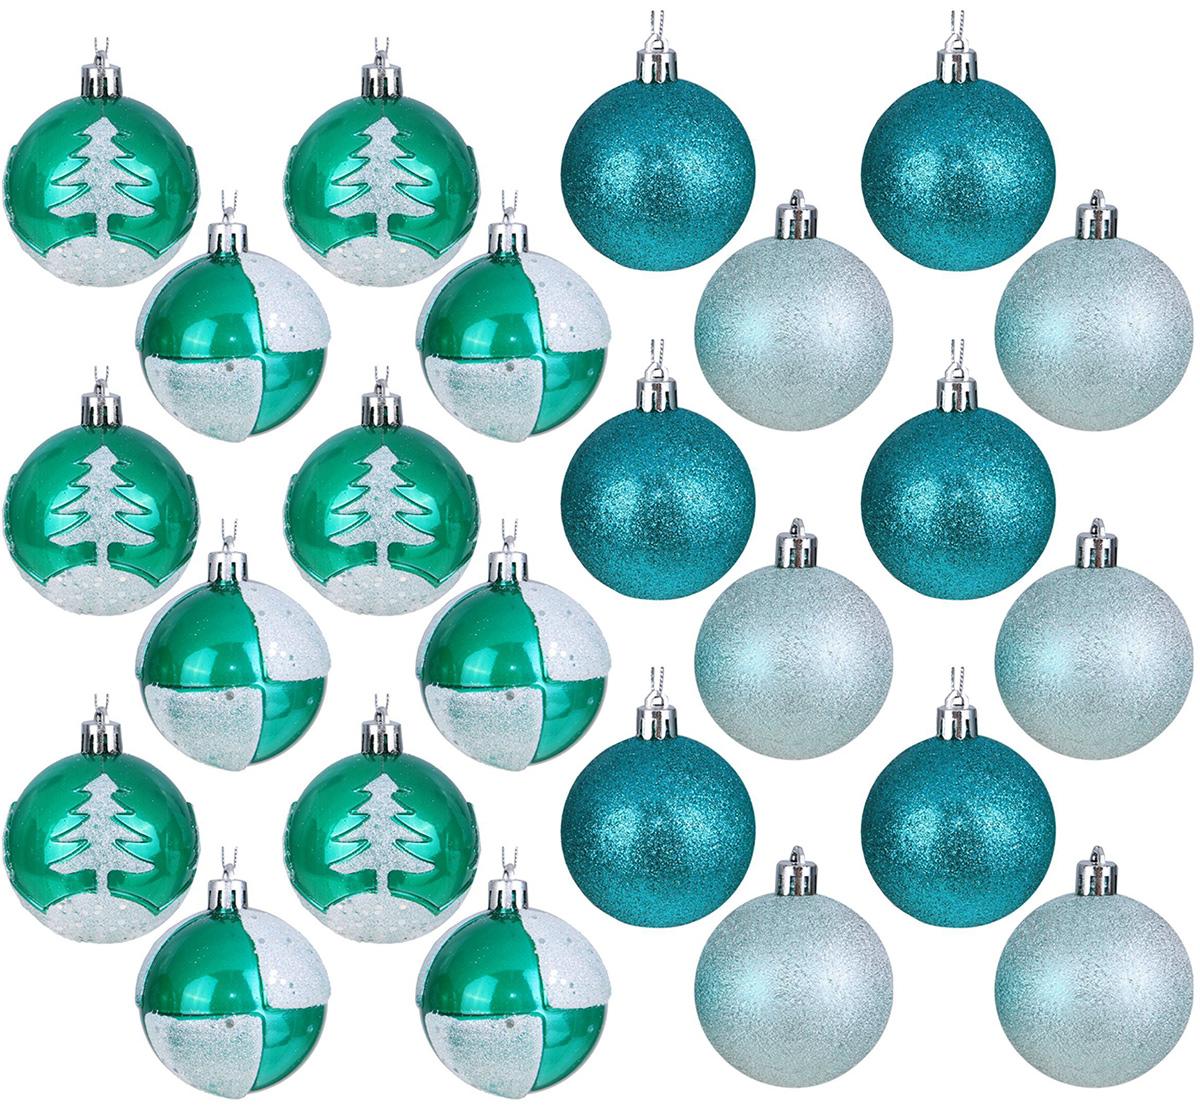 Набор новогодних подвесных украшений Sima-land Изумрудик, диаметр 6 см, 24 шт2131456Набор новогодних подвесных украшений Sima-land отлично подойдет для декорации вашего дома и новогодней ели. С помощью специальной петельки украшение можно повесить в любом понравившемся вам месте. Но, конечно, удачнее всего оно будет смотреться на праздничной елке. Елочная игрушка - символ Нового года. Она несет в себе волшебство и красоту праздника. Создайте в своем доме атмосферу веселья и радости, украшая новогоднюю елку нарядными игрушками, которые будут из года в год накапливать теплоту воспоминаний.